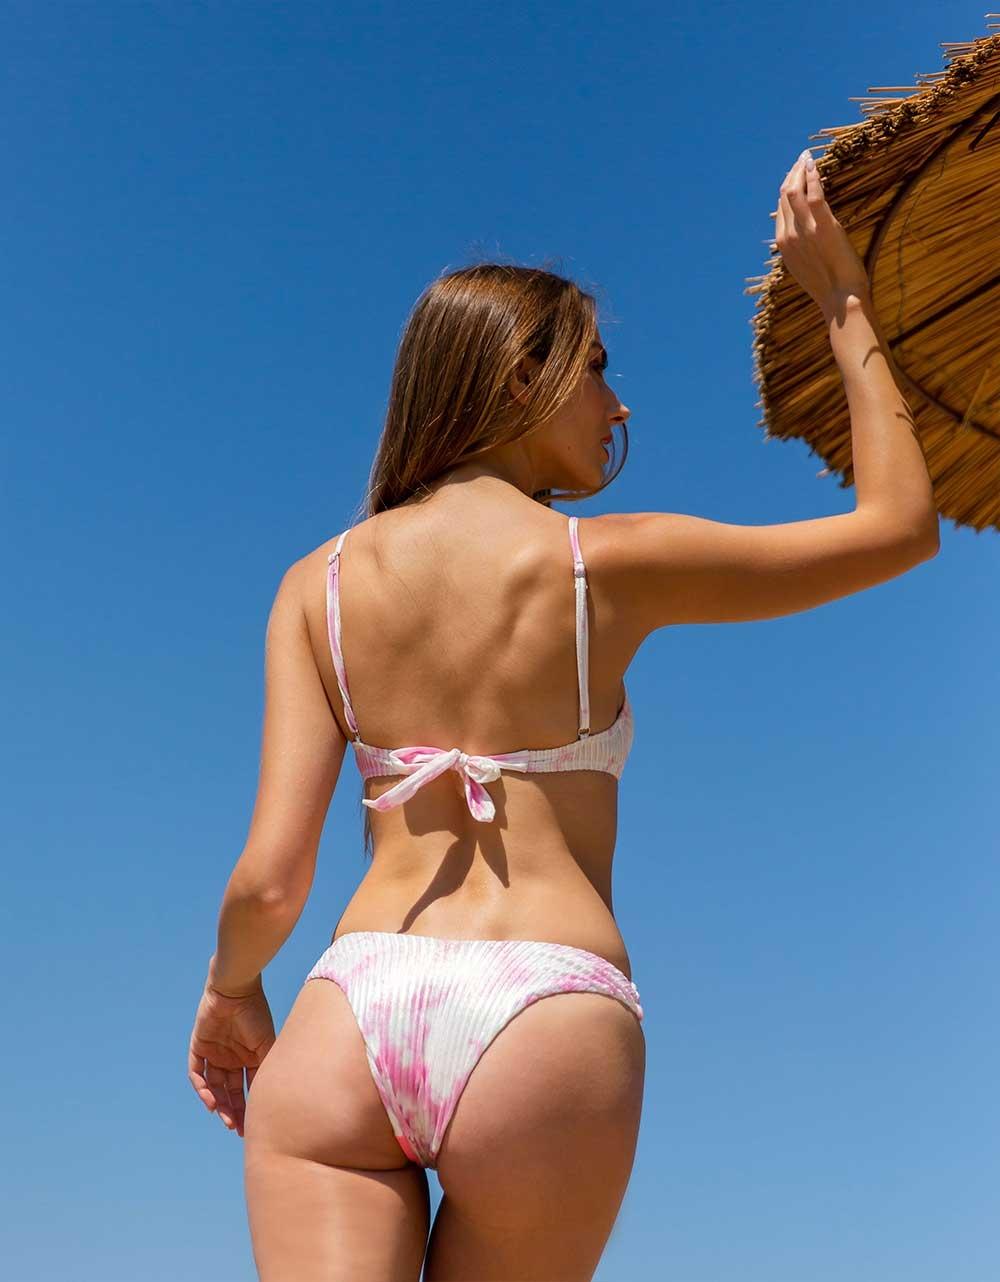 Εικόνα από Γυναικείο rip μαγιό σετ μπικίνι με tie dye σχέδιο Ροζ